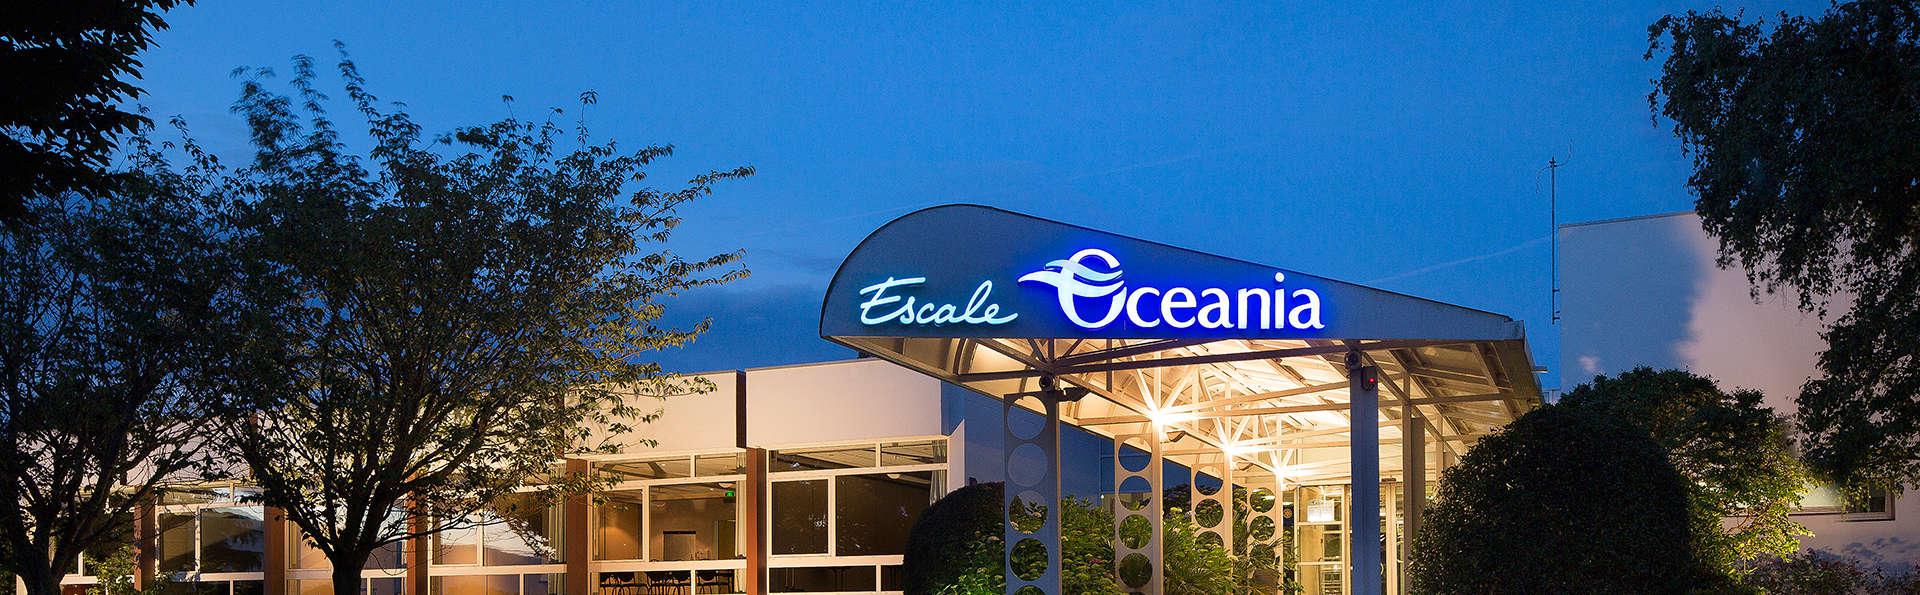 Escale Oceania Brest Aéroport - EDIT_front.jpg